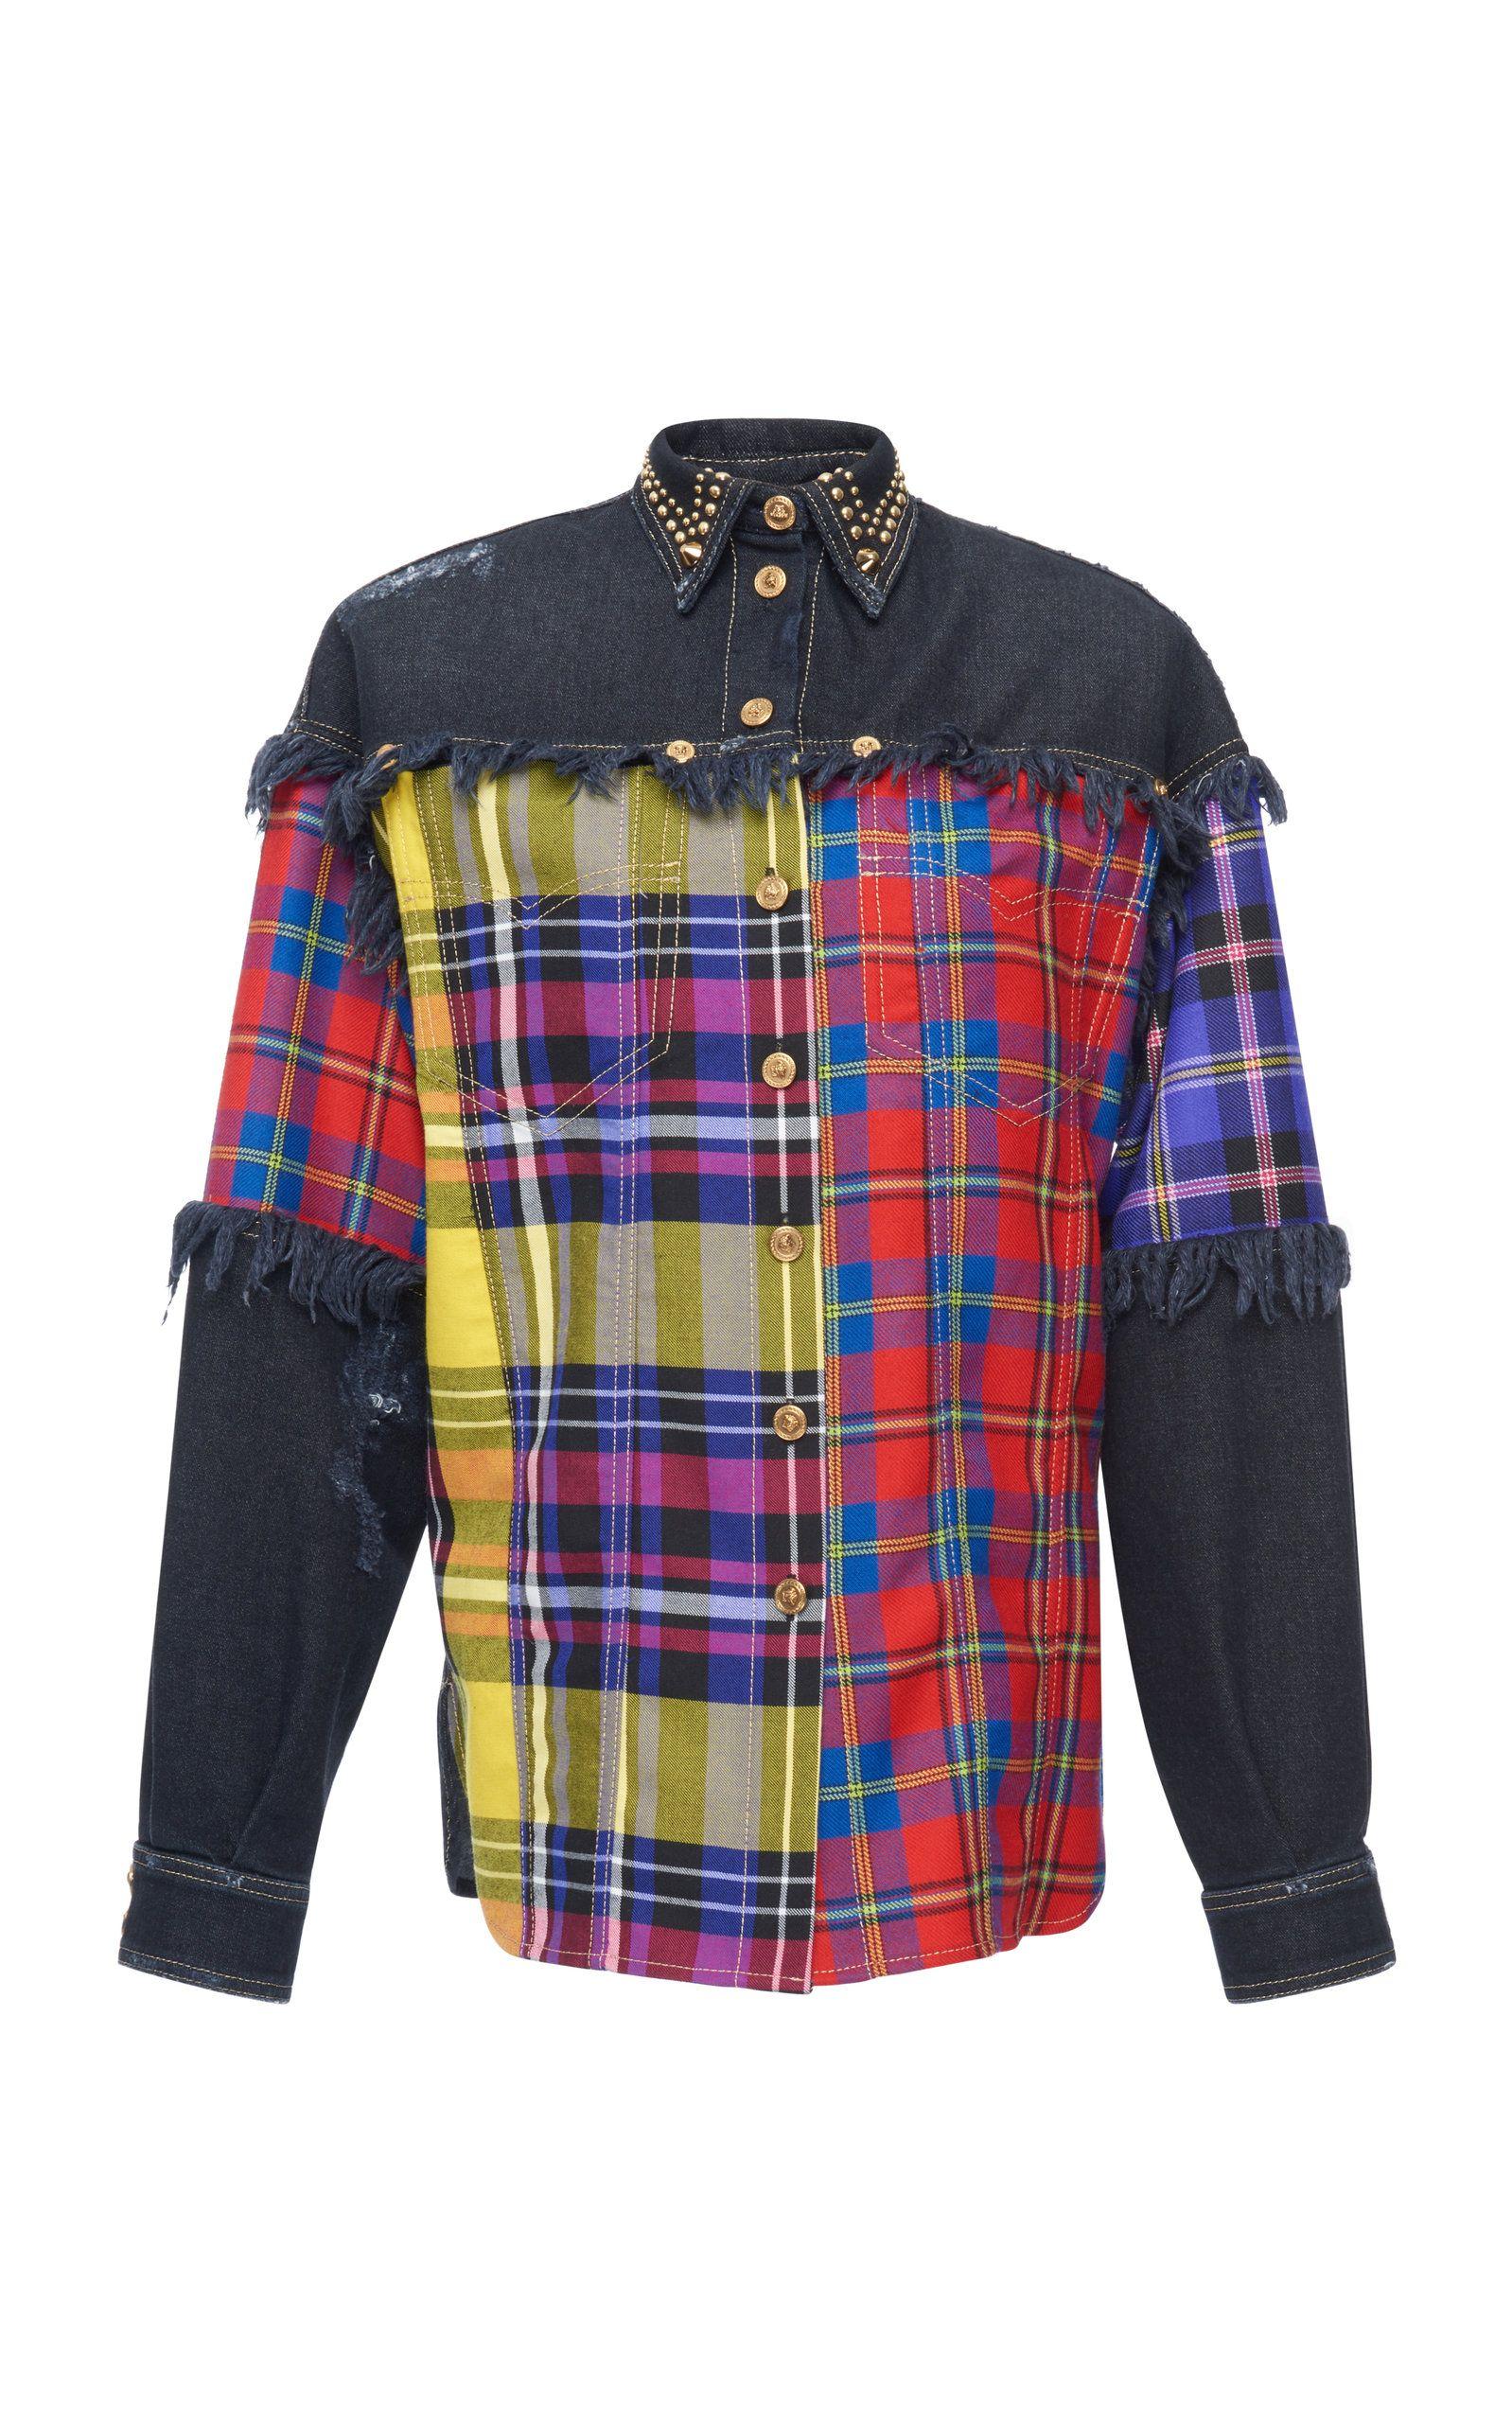 841292d2 Denim Shirt   Tartan Etc   Denim Shirt, Shirts, Denim